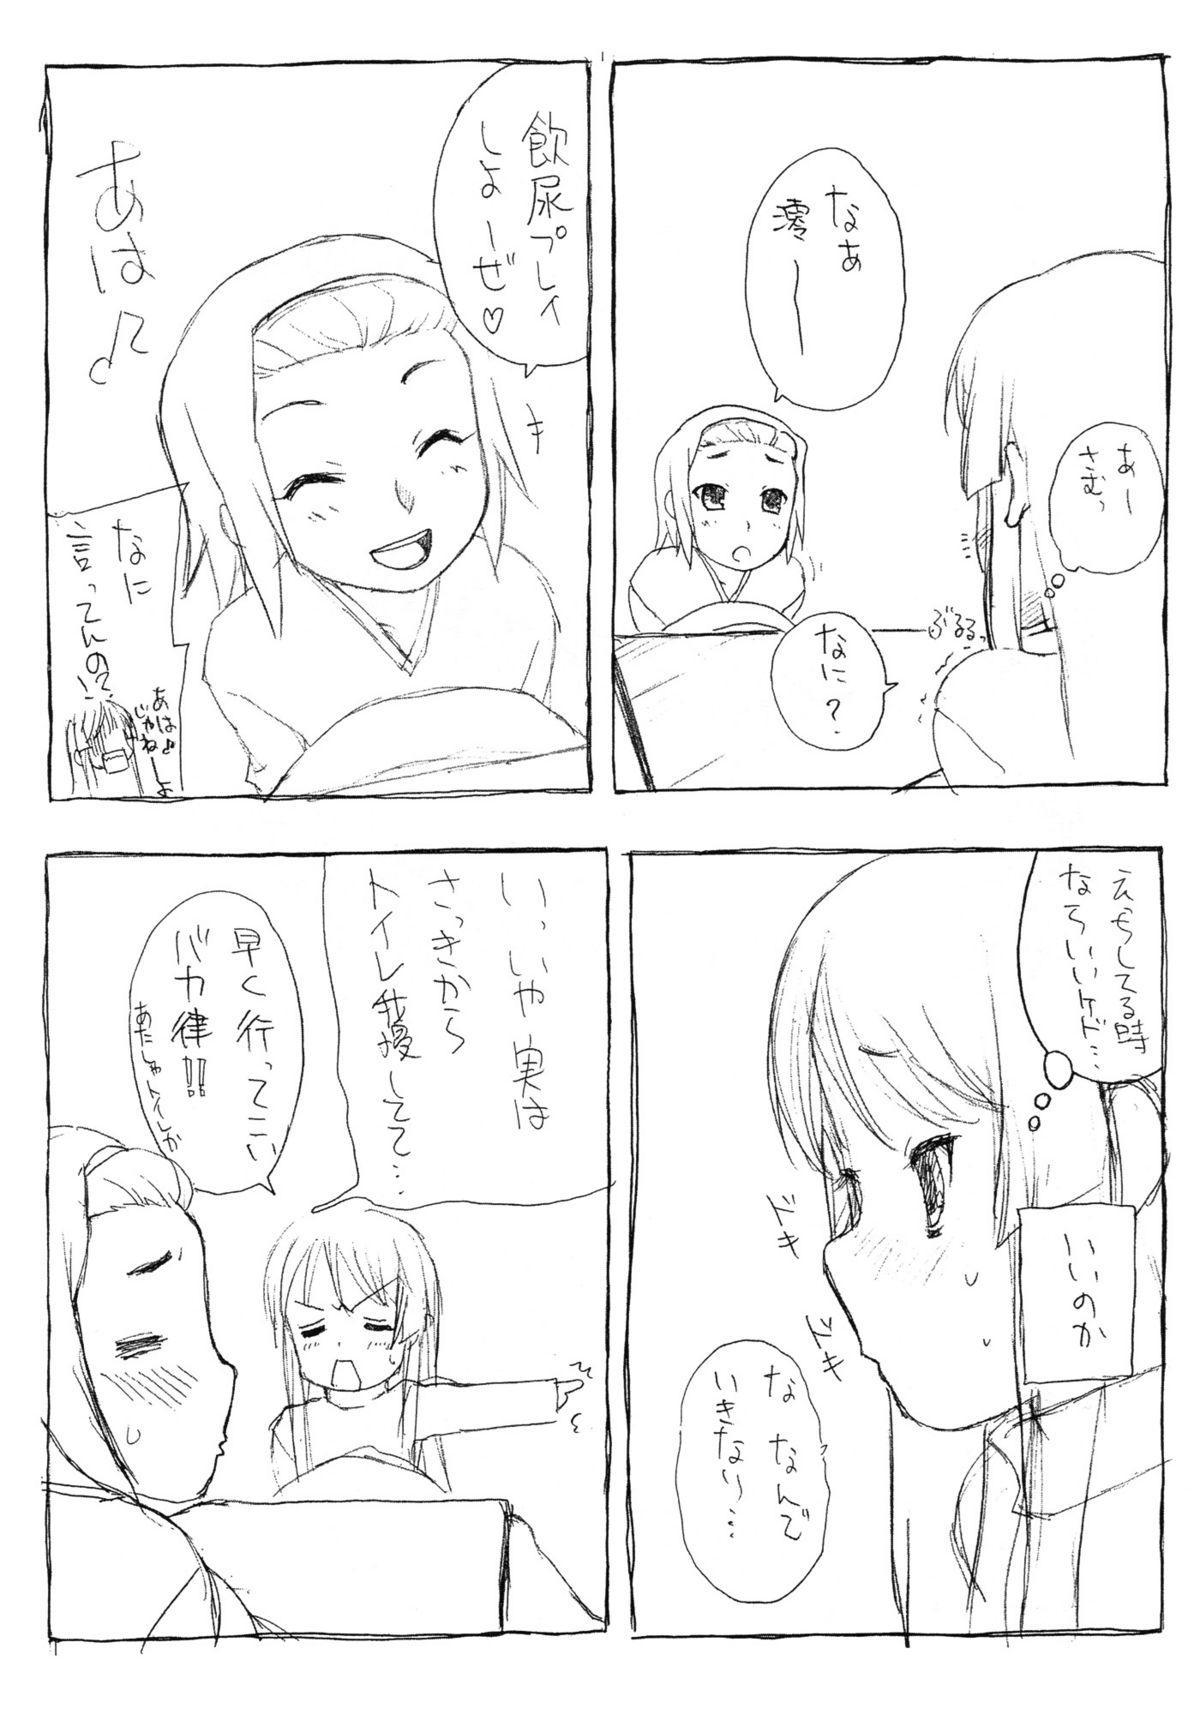 Rinko wa Nakadashi ga Ichiban Kanjirundesu. + Paper 31